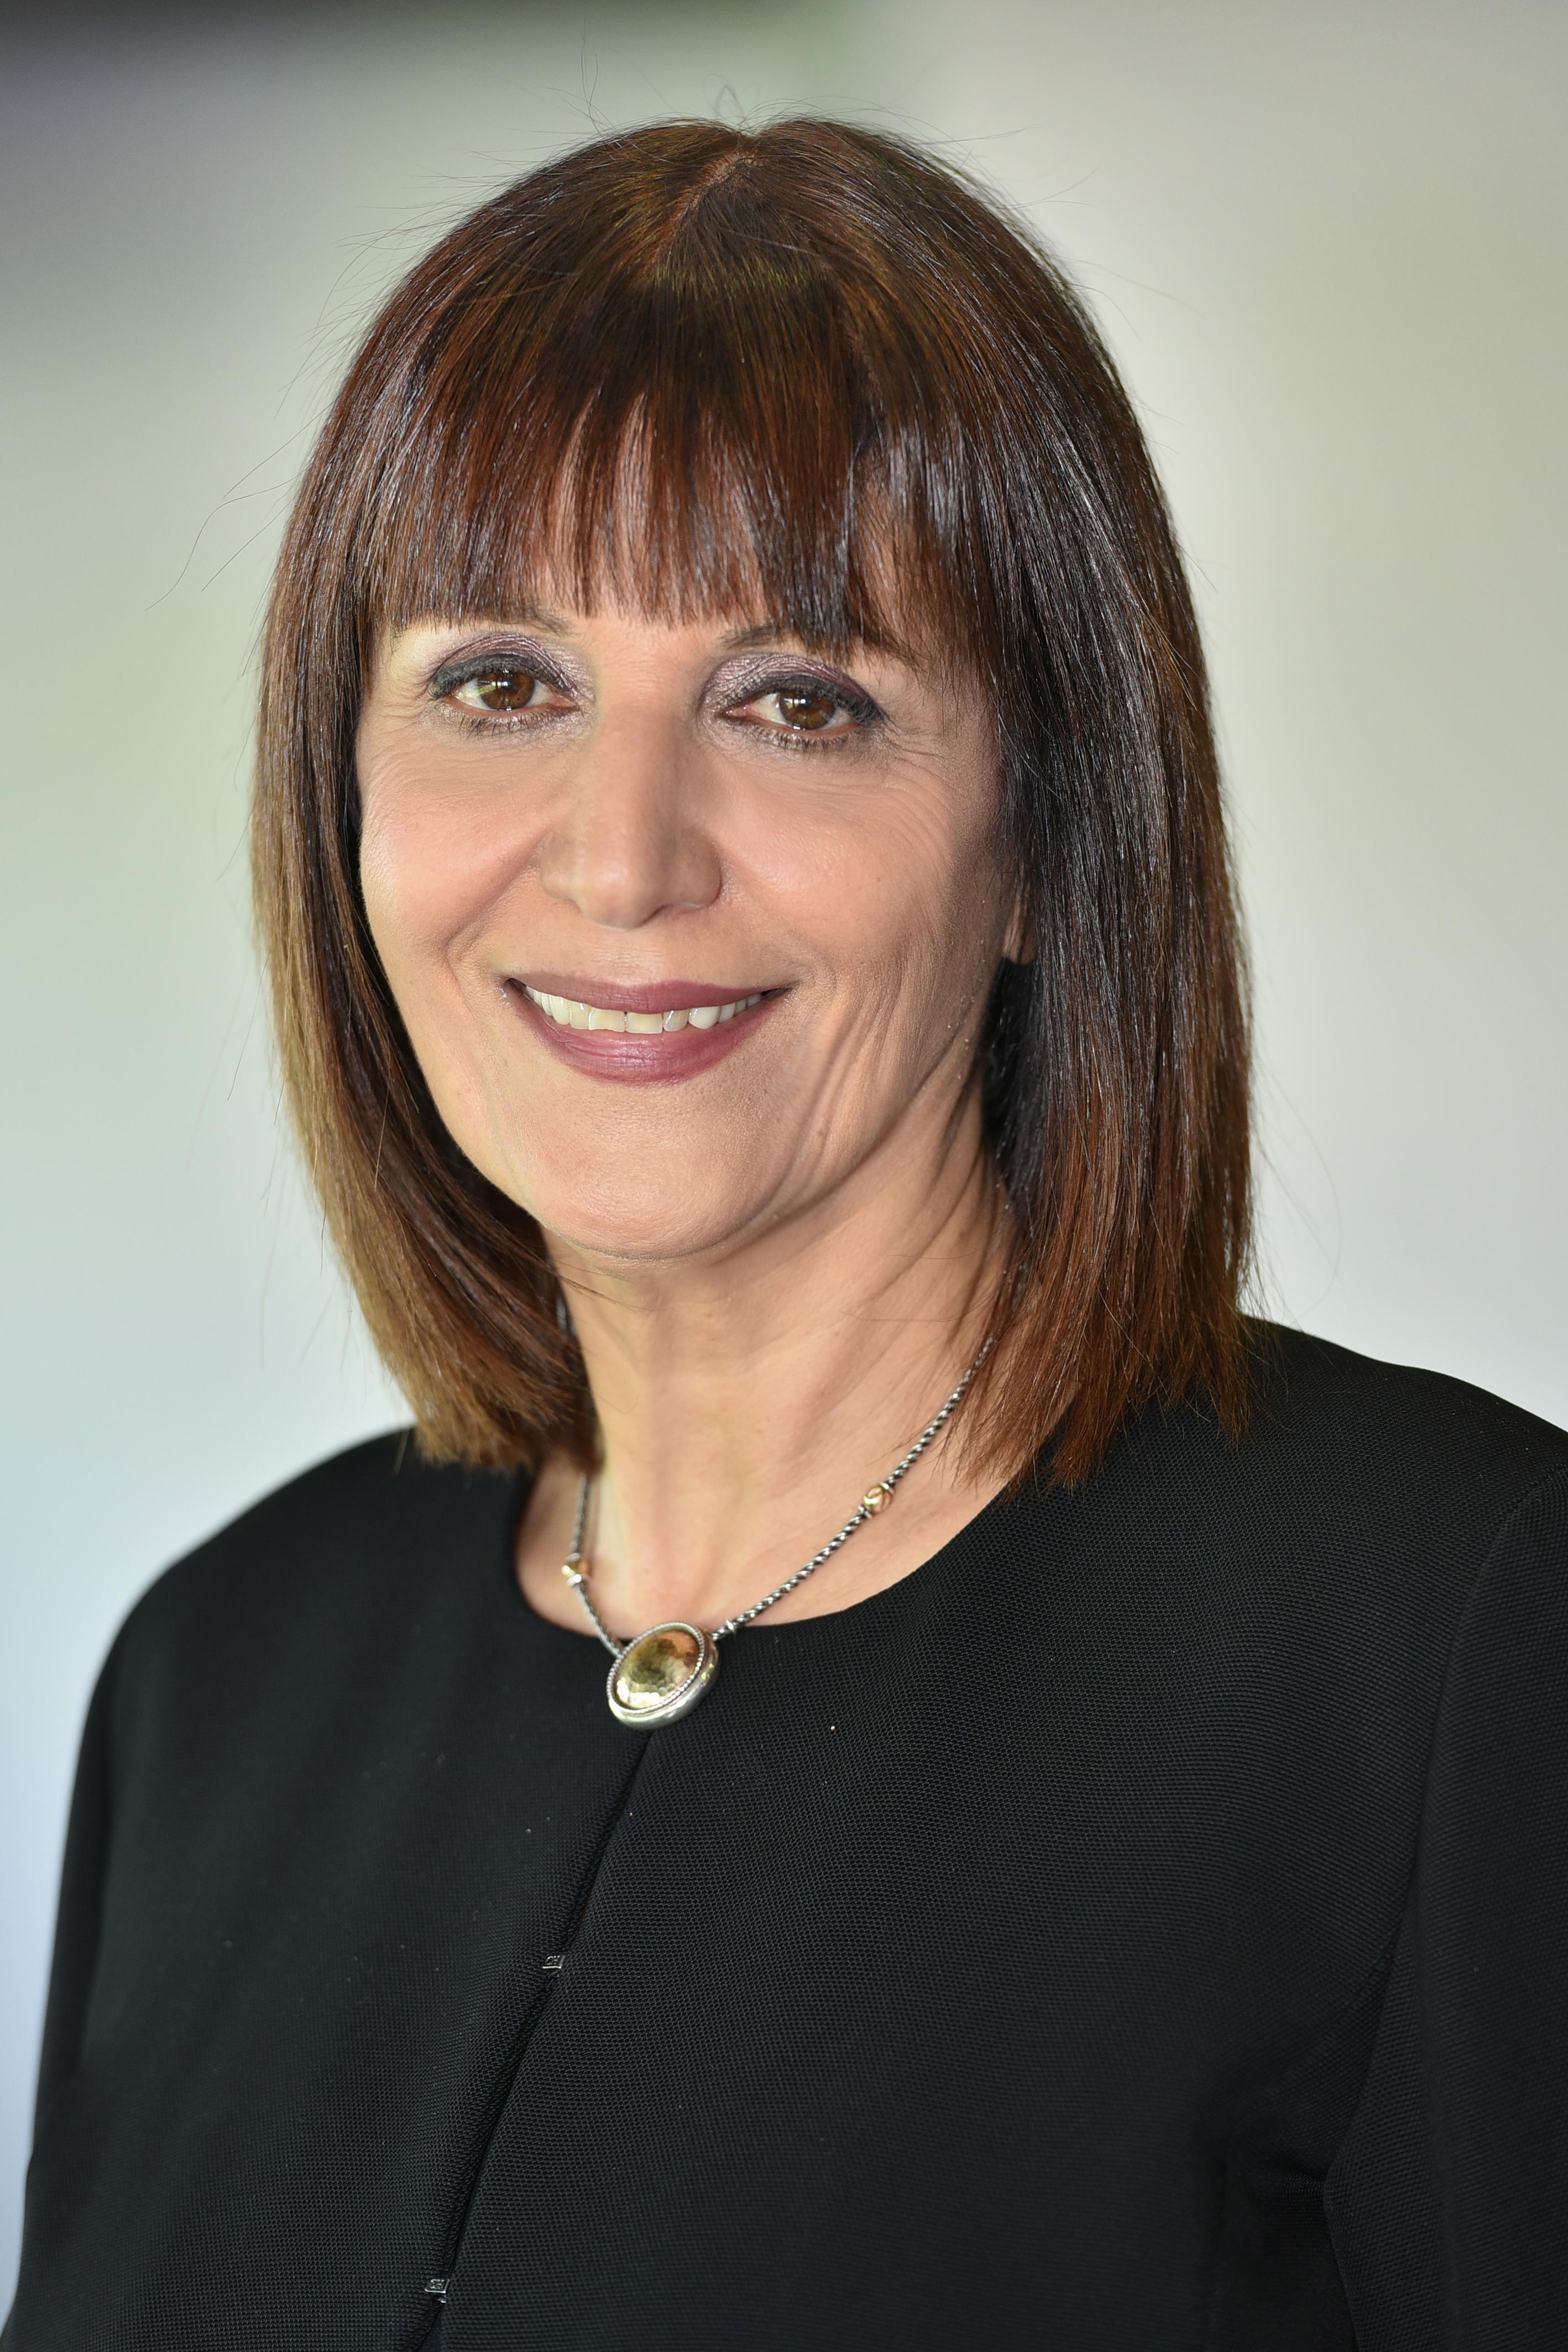 טובה דולב - ראש מינהל חינוך וחברה